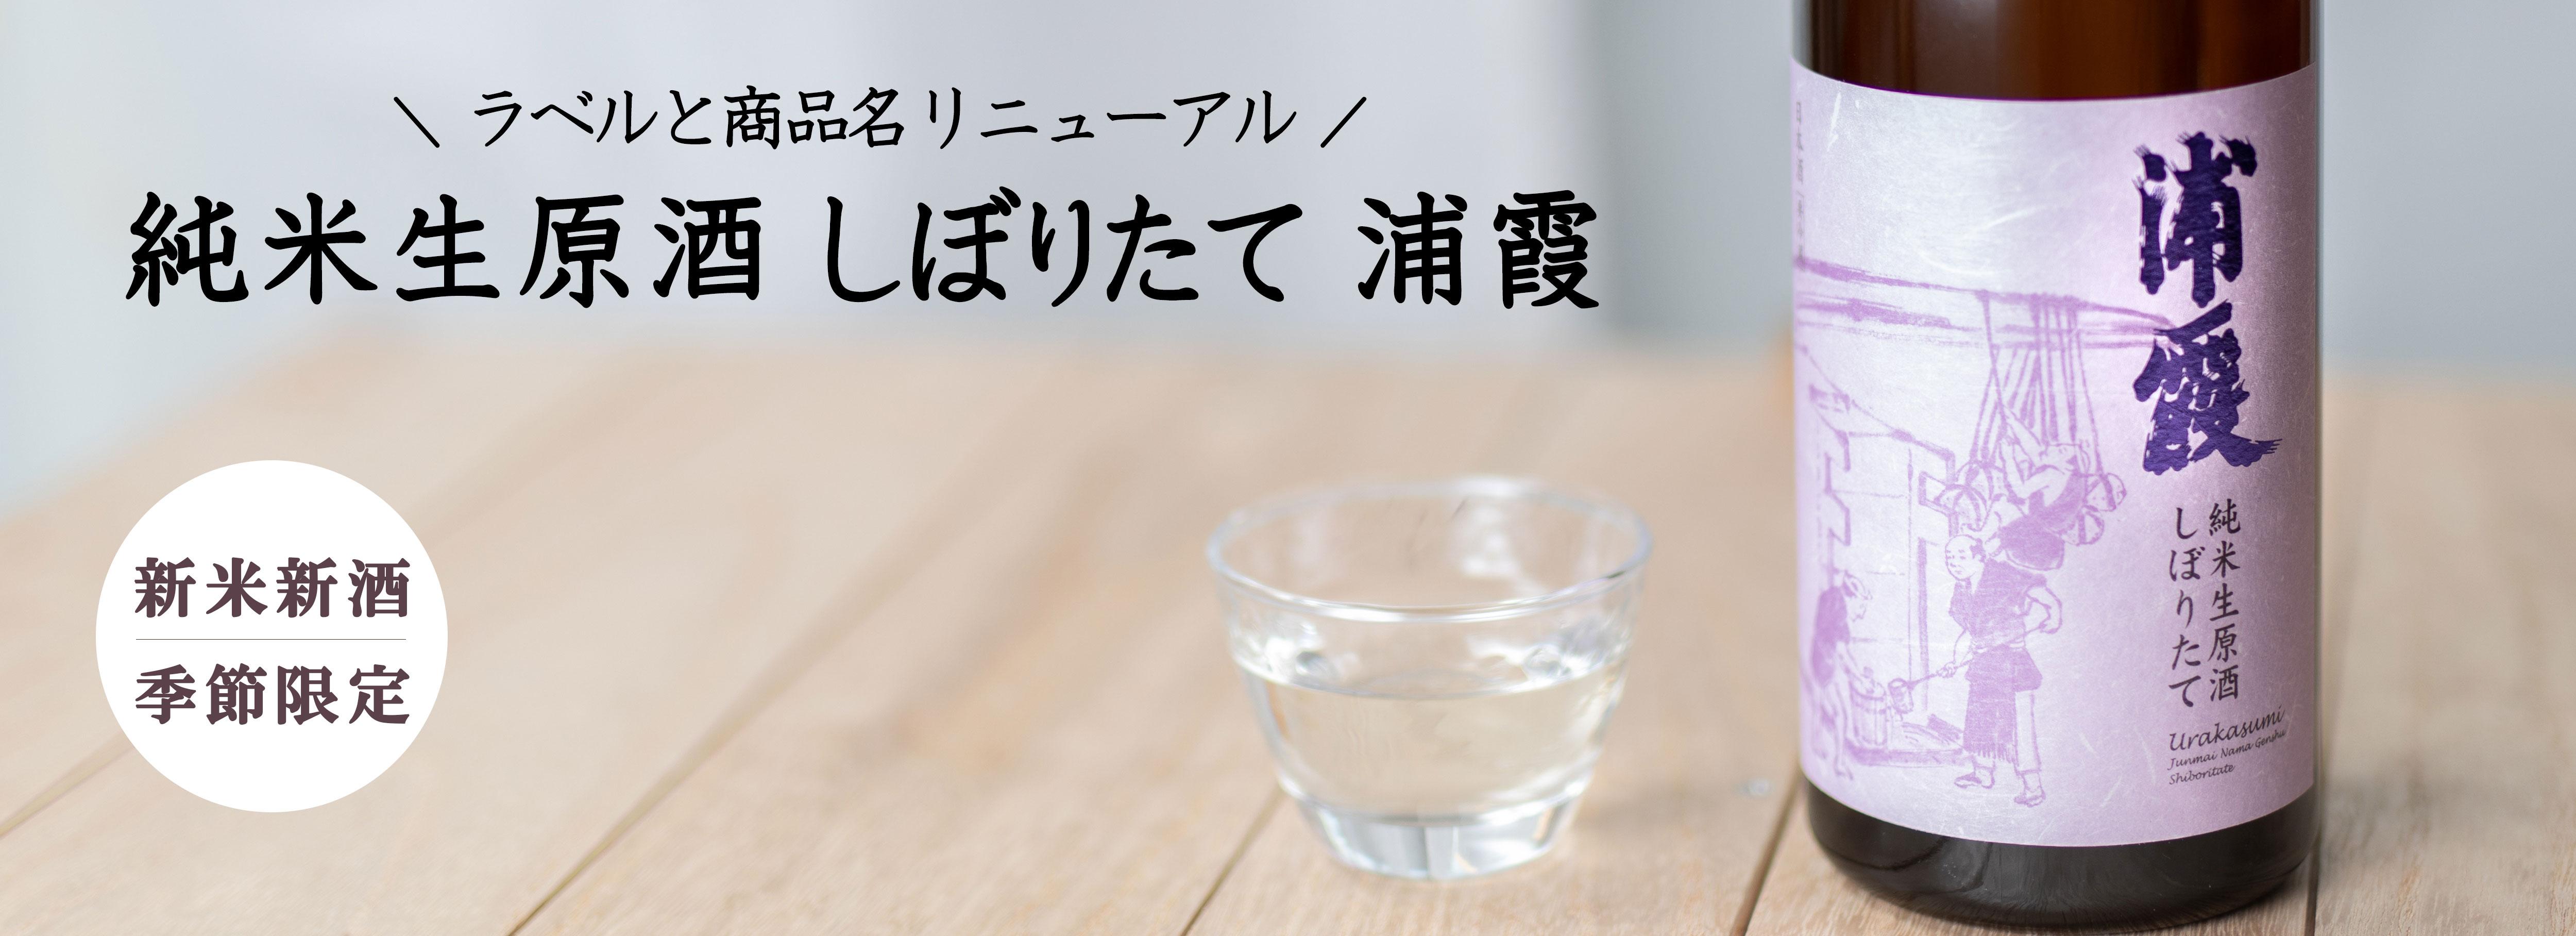 「純米生原酒 しぼりたて 浦霞」季節限定発売